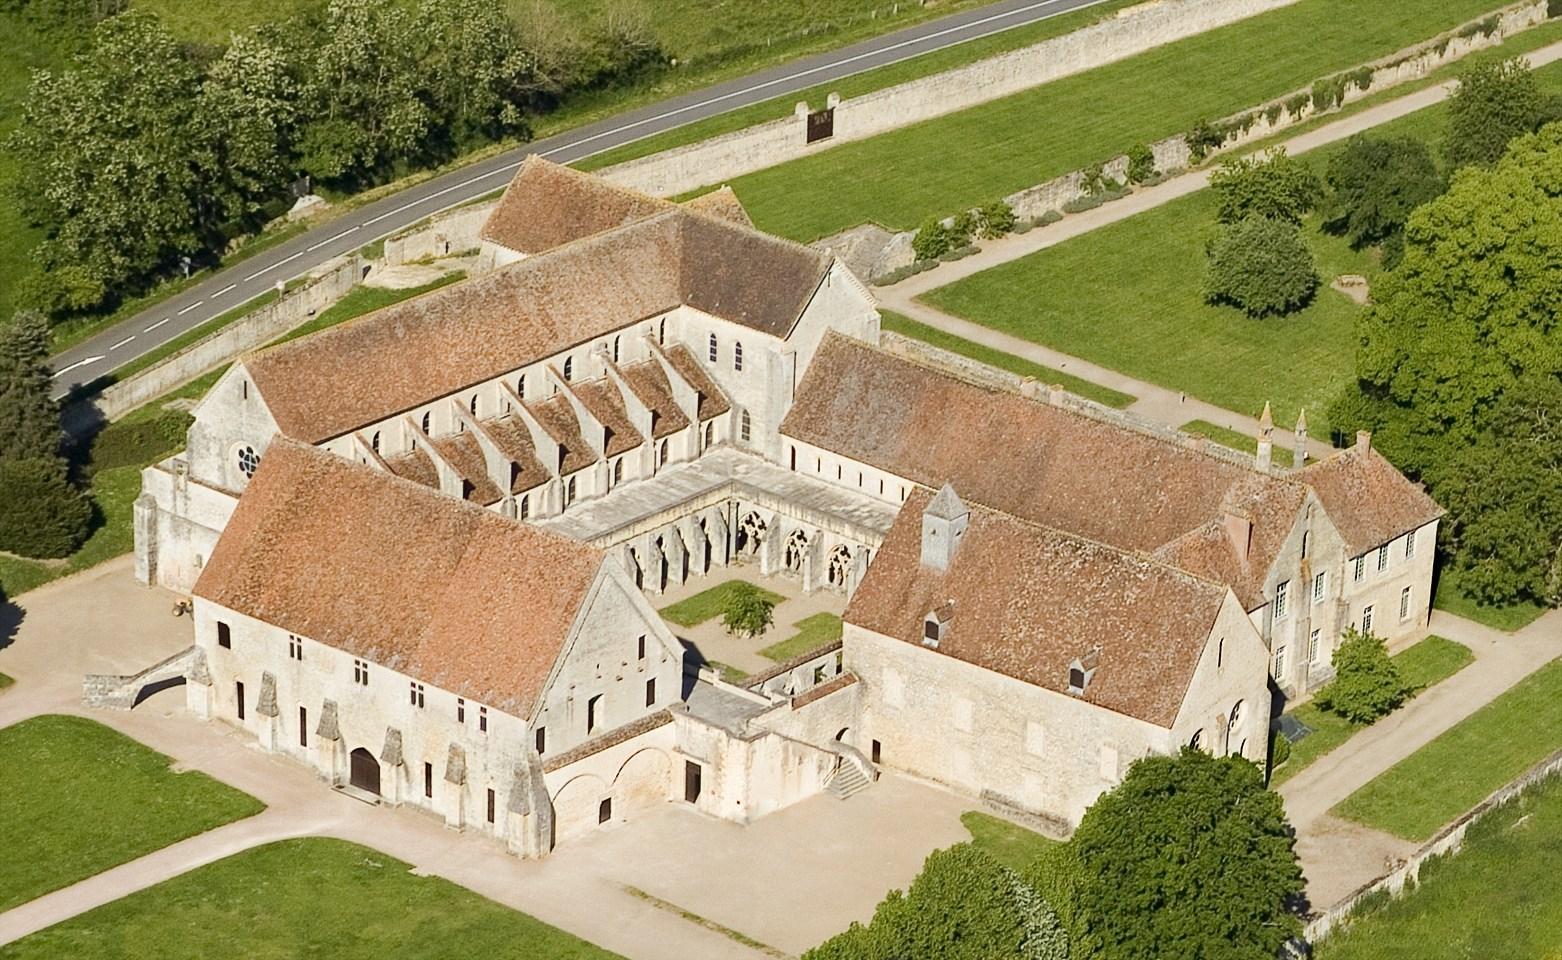 Abbaye de noirlac bruere allichamps patrimoine - Abbaye de citeaux horaires des offices ...